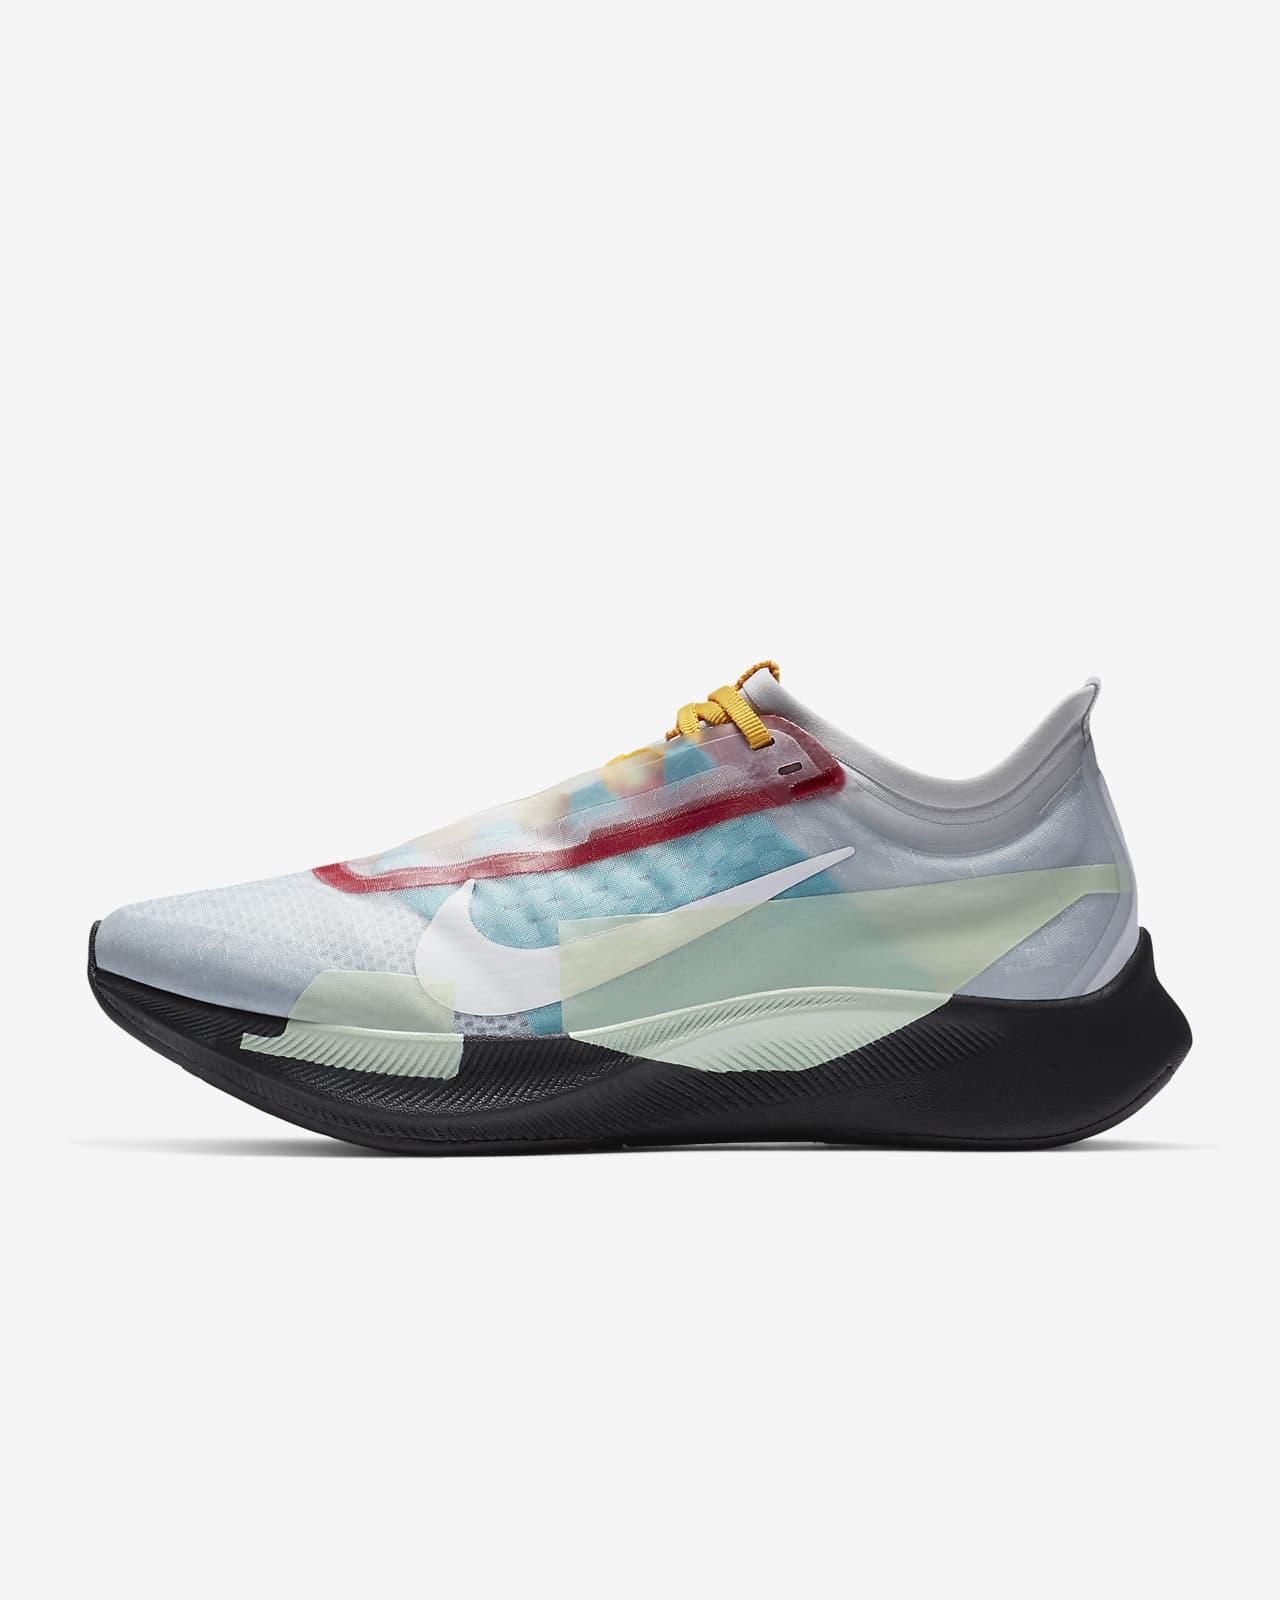 รองเท้าวิ่งผู้หญิง Nike Zoom Fly 3 Premium